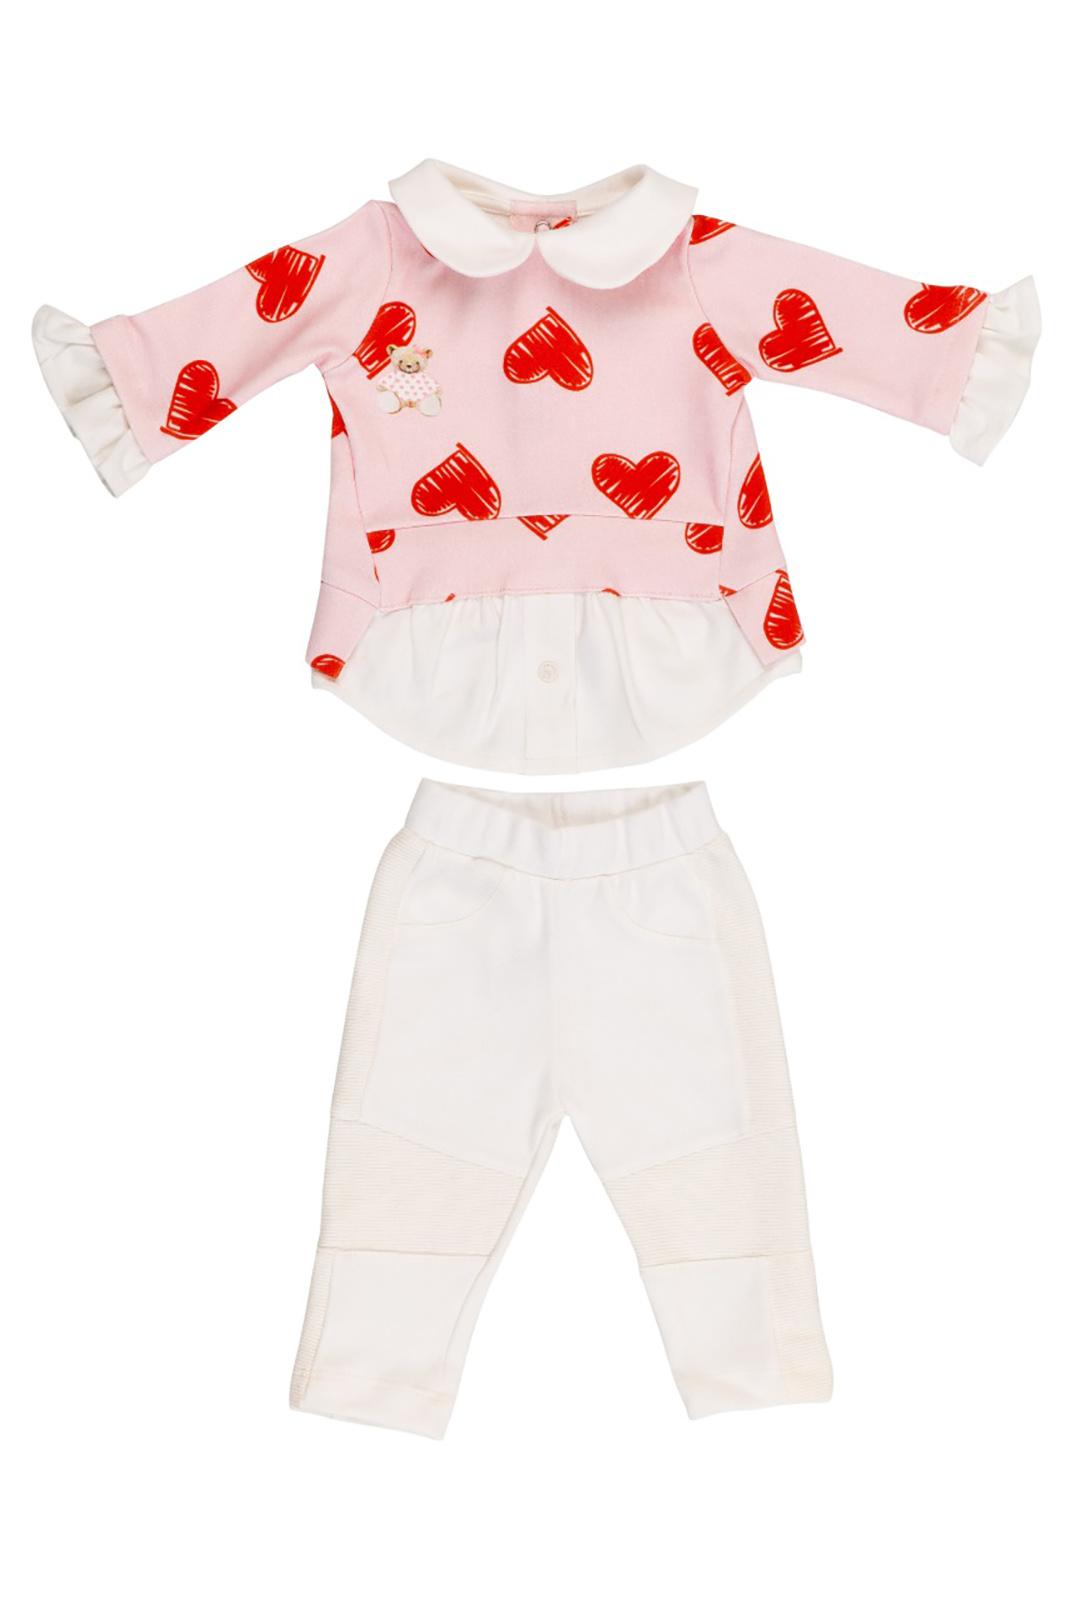 Conjunto Infantil Coquelicot  2 peças Moletom Camisa feminina e Calça montaria  Coração ursinha Rosa e Off White